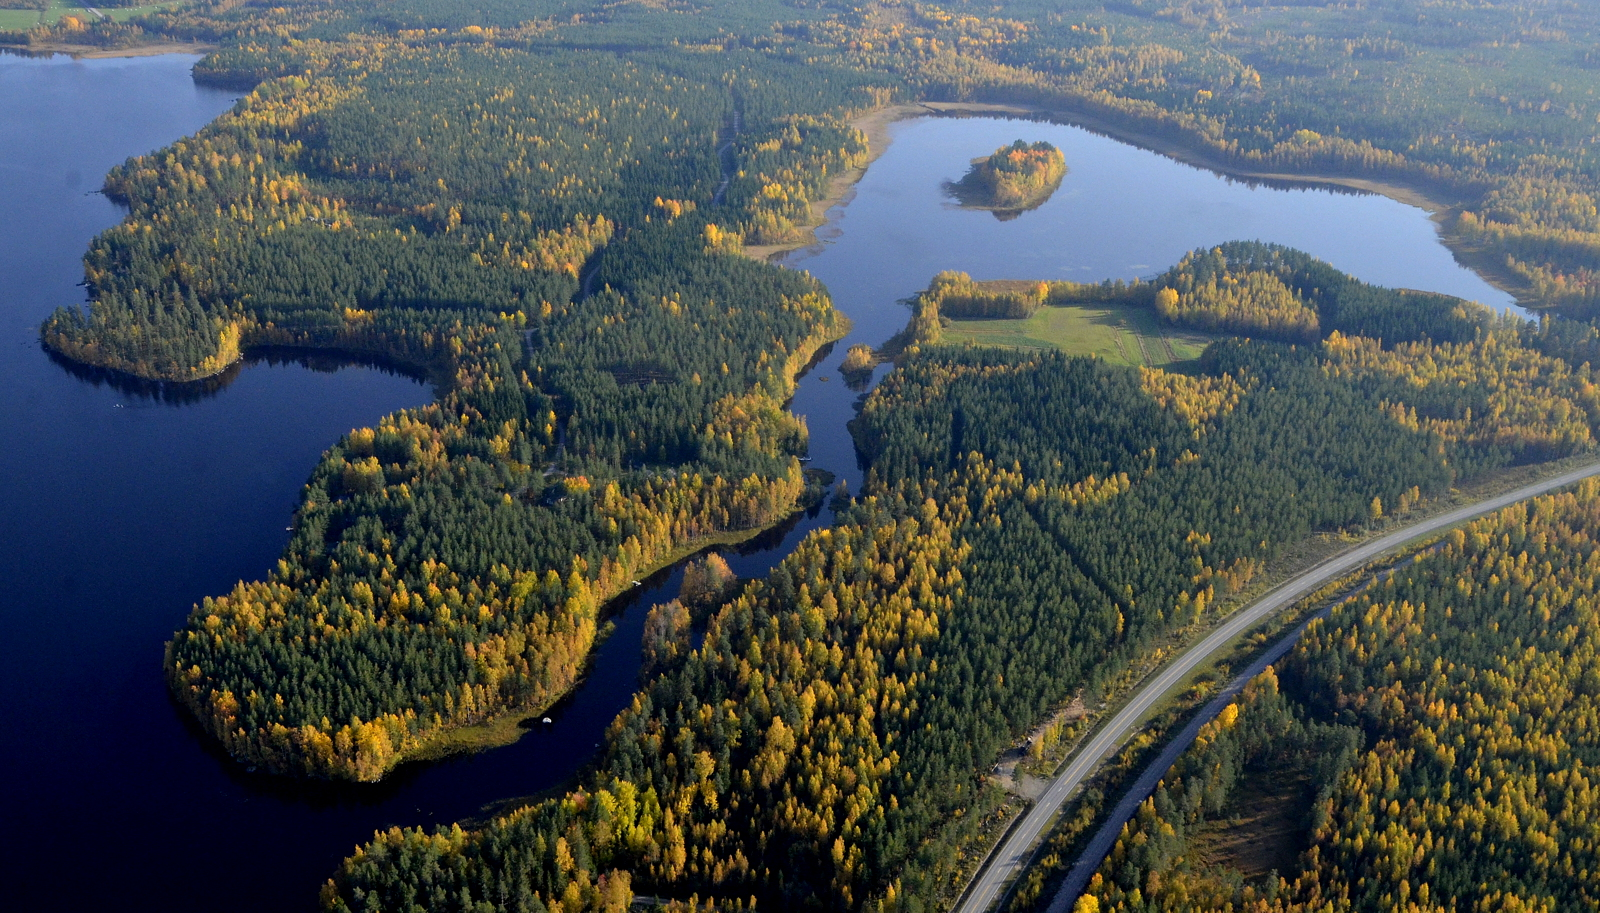 Kurjenniemi vasemmalla, oikealla Potmonjärvi aivan taajaman vieressä.